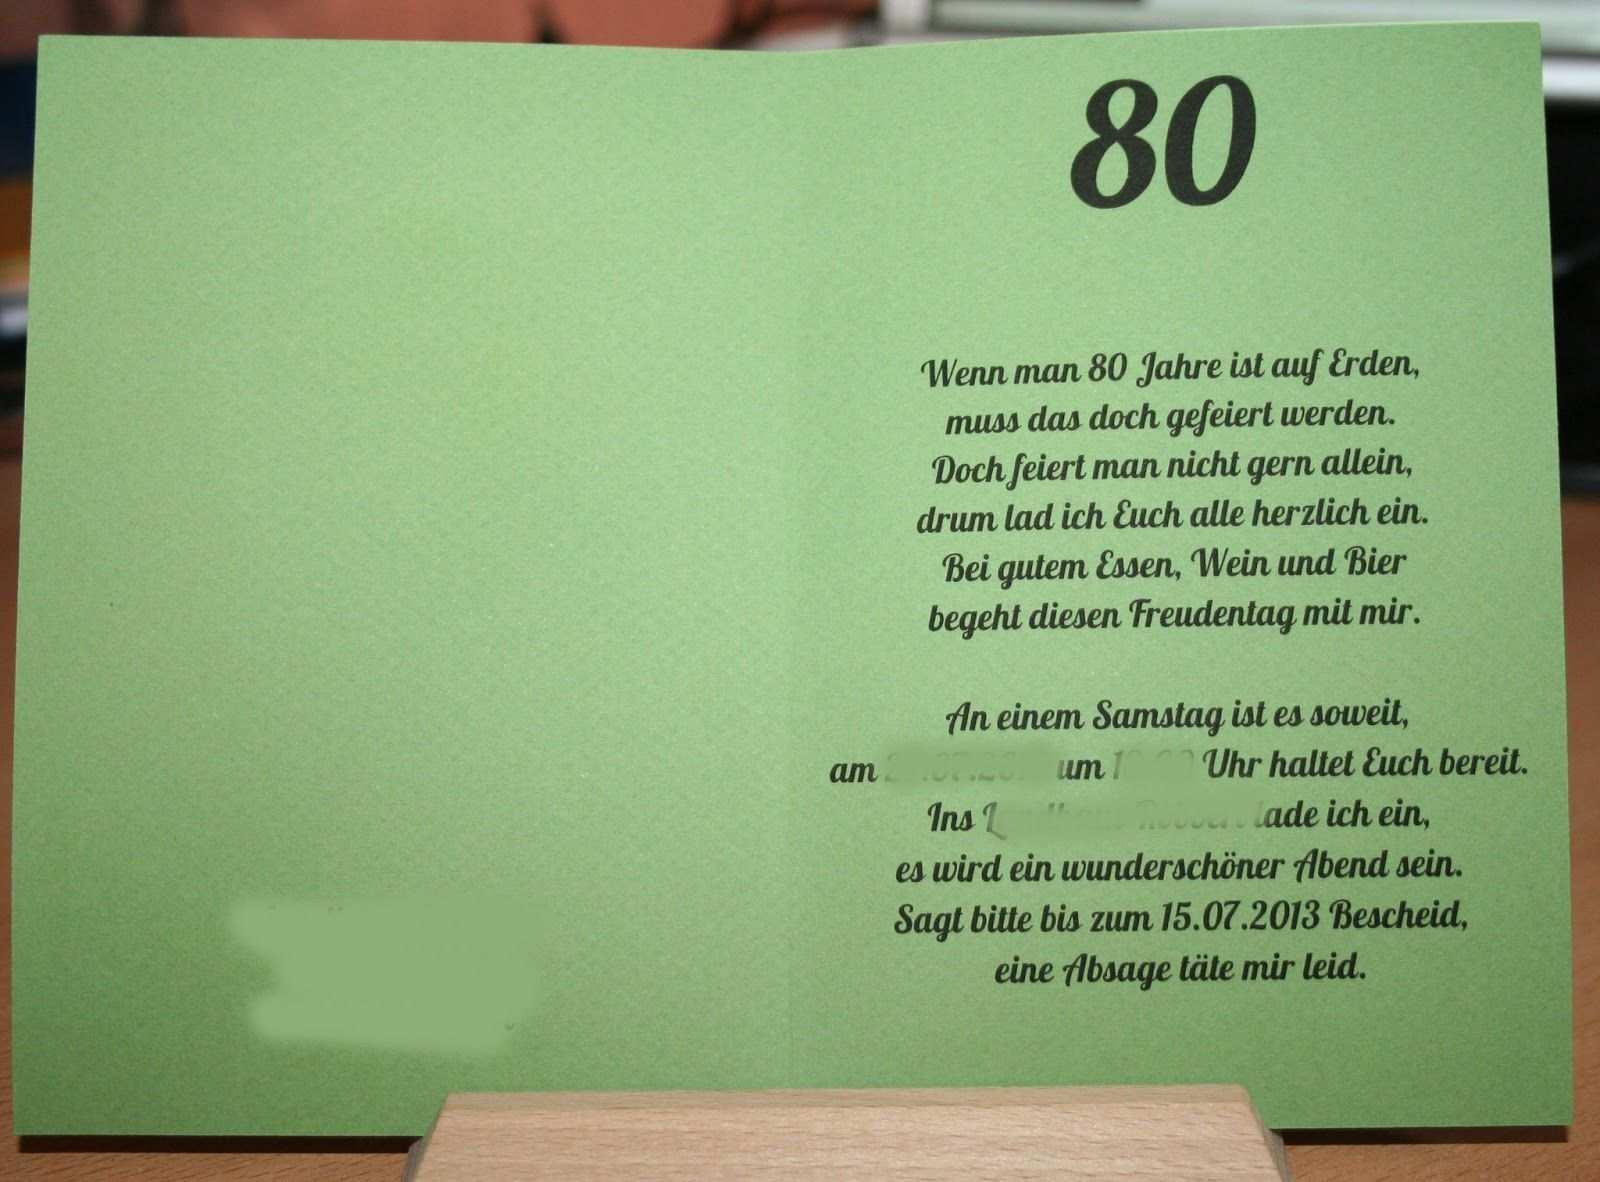 Einladungskarten 80 Geburtstag Ohne Foto Einladung Zum Geburtstag Einladung Geburtstag Text Einladung 80 Geburtstag 80 Geburtstag